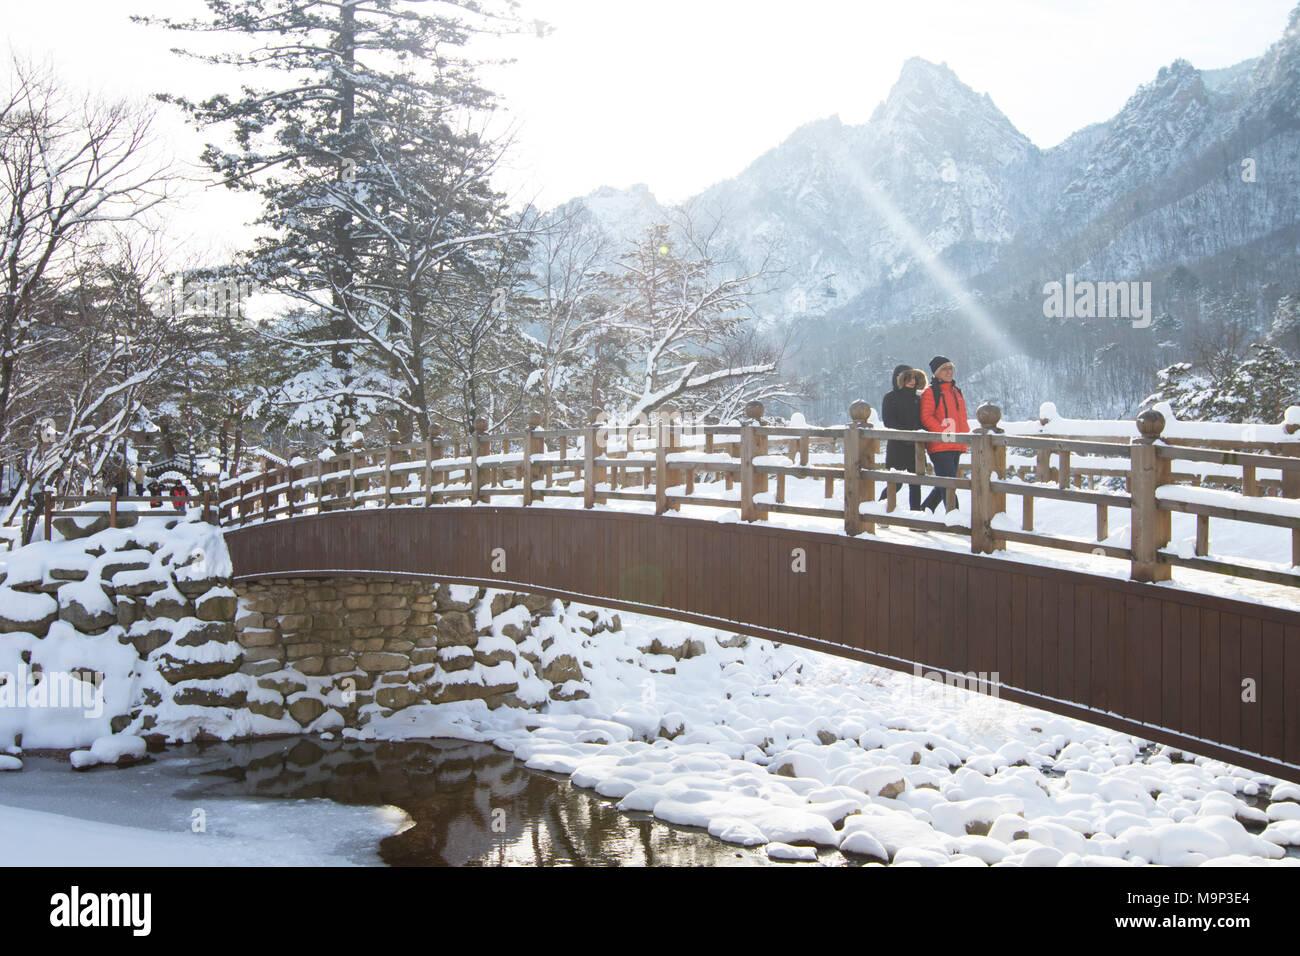 Un hombre y una mujer están caminando sobre un puente de madera en el Parque Nacional de Seoraksan, Gangwon-do, Corea del Sur. Seoraksan es una bella e icónica del Parque Nacional en las montañas cerca de Sokcho en la región de Gangwon-do de Corea del Sur. El nombre se refiere a Milú riscos de las montañas. Frente al paisaje son dos templos budistas: Sinheung-sa y Beakdam-sa. Esta región es anfitrión de los Juegos Olímpicos de Invierno en febrero de 2018. Imagen De Stock